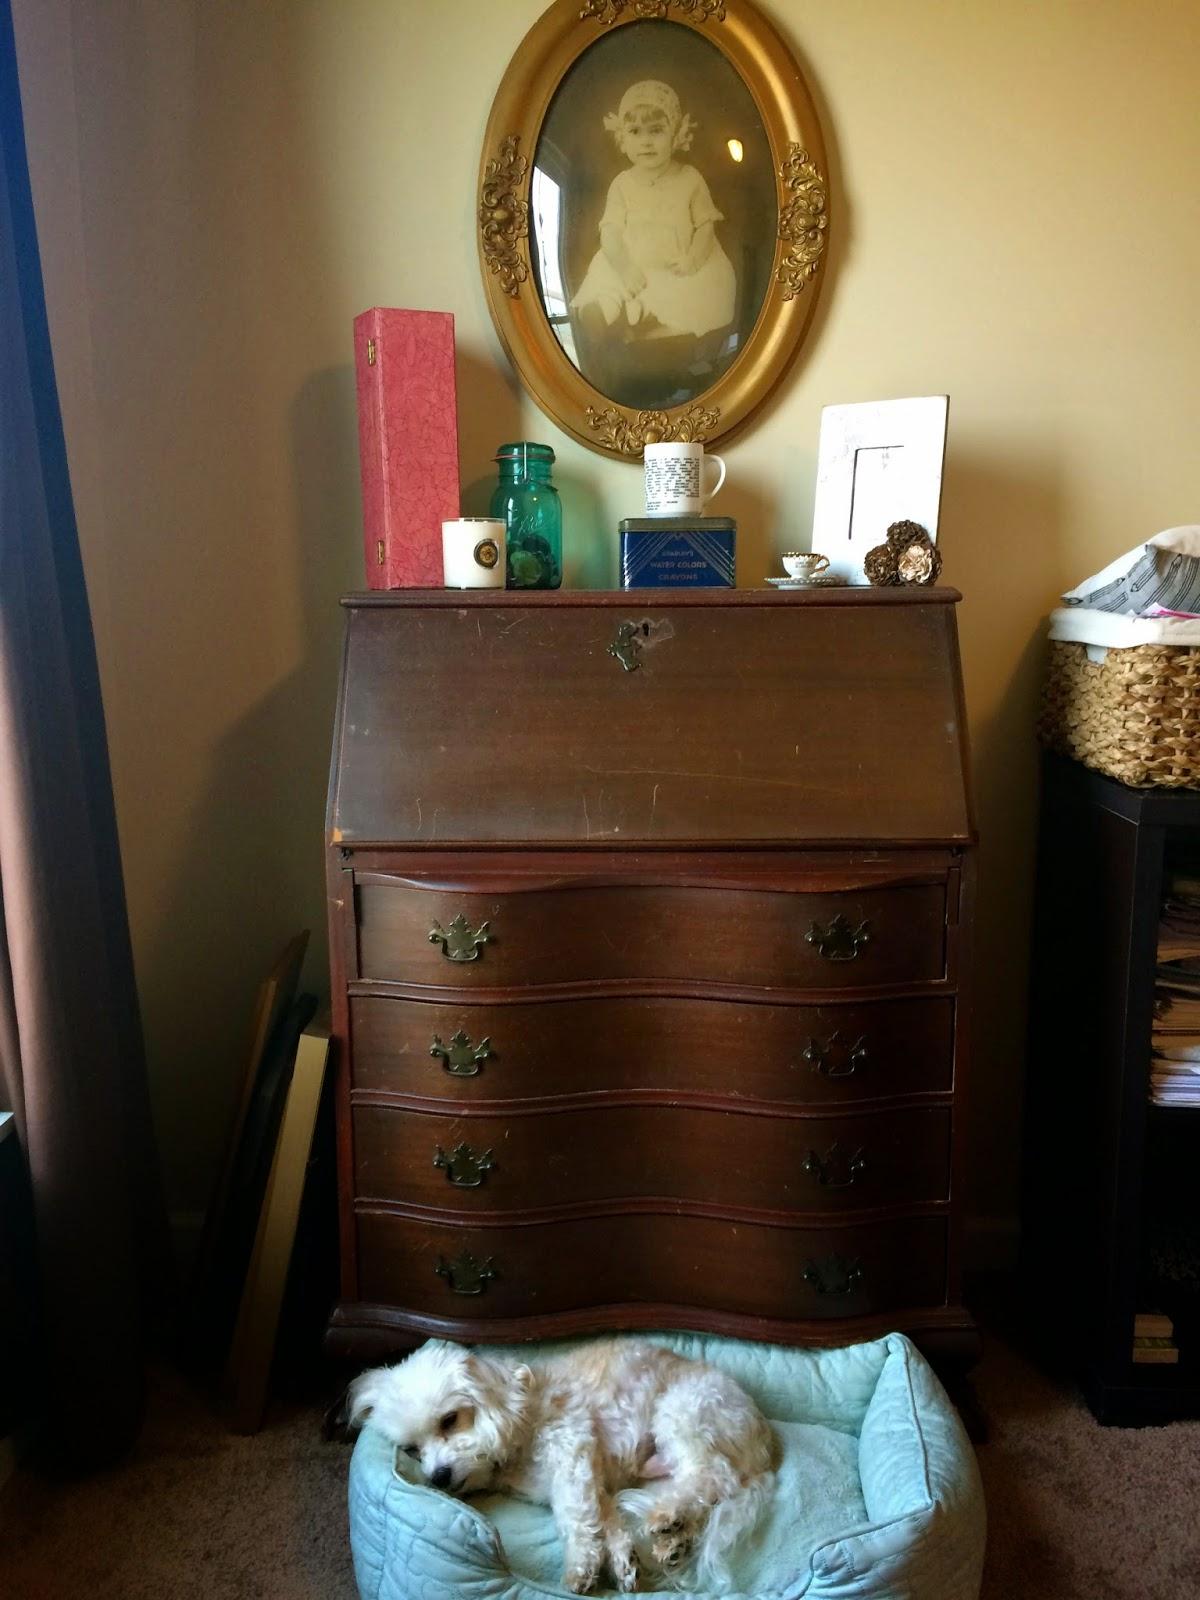 Aunt Francis' desk